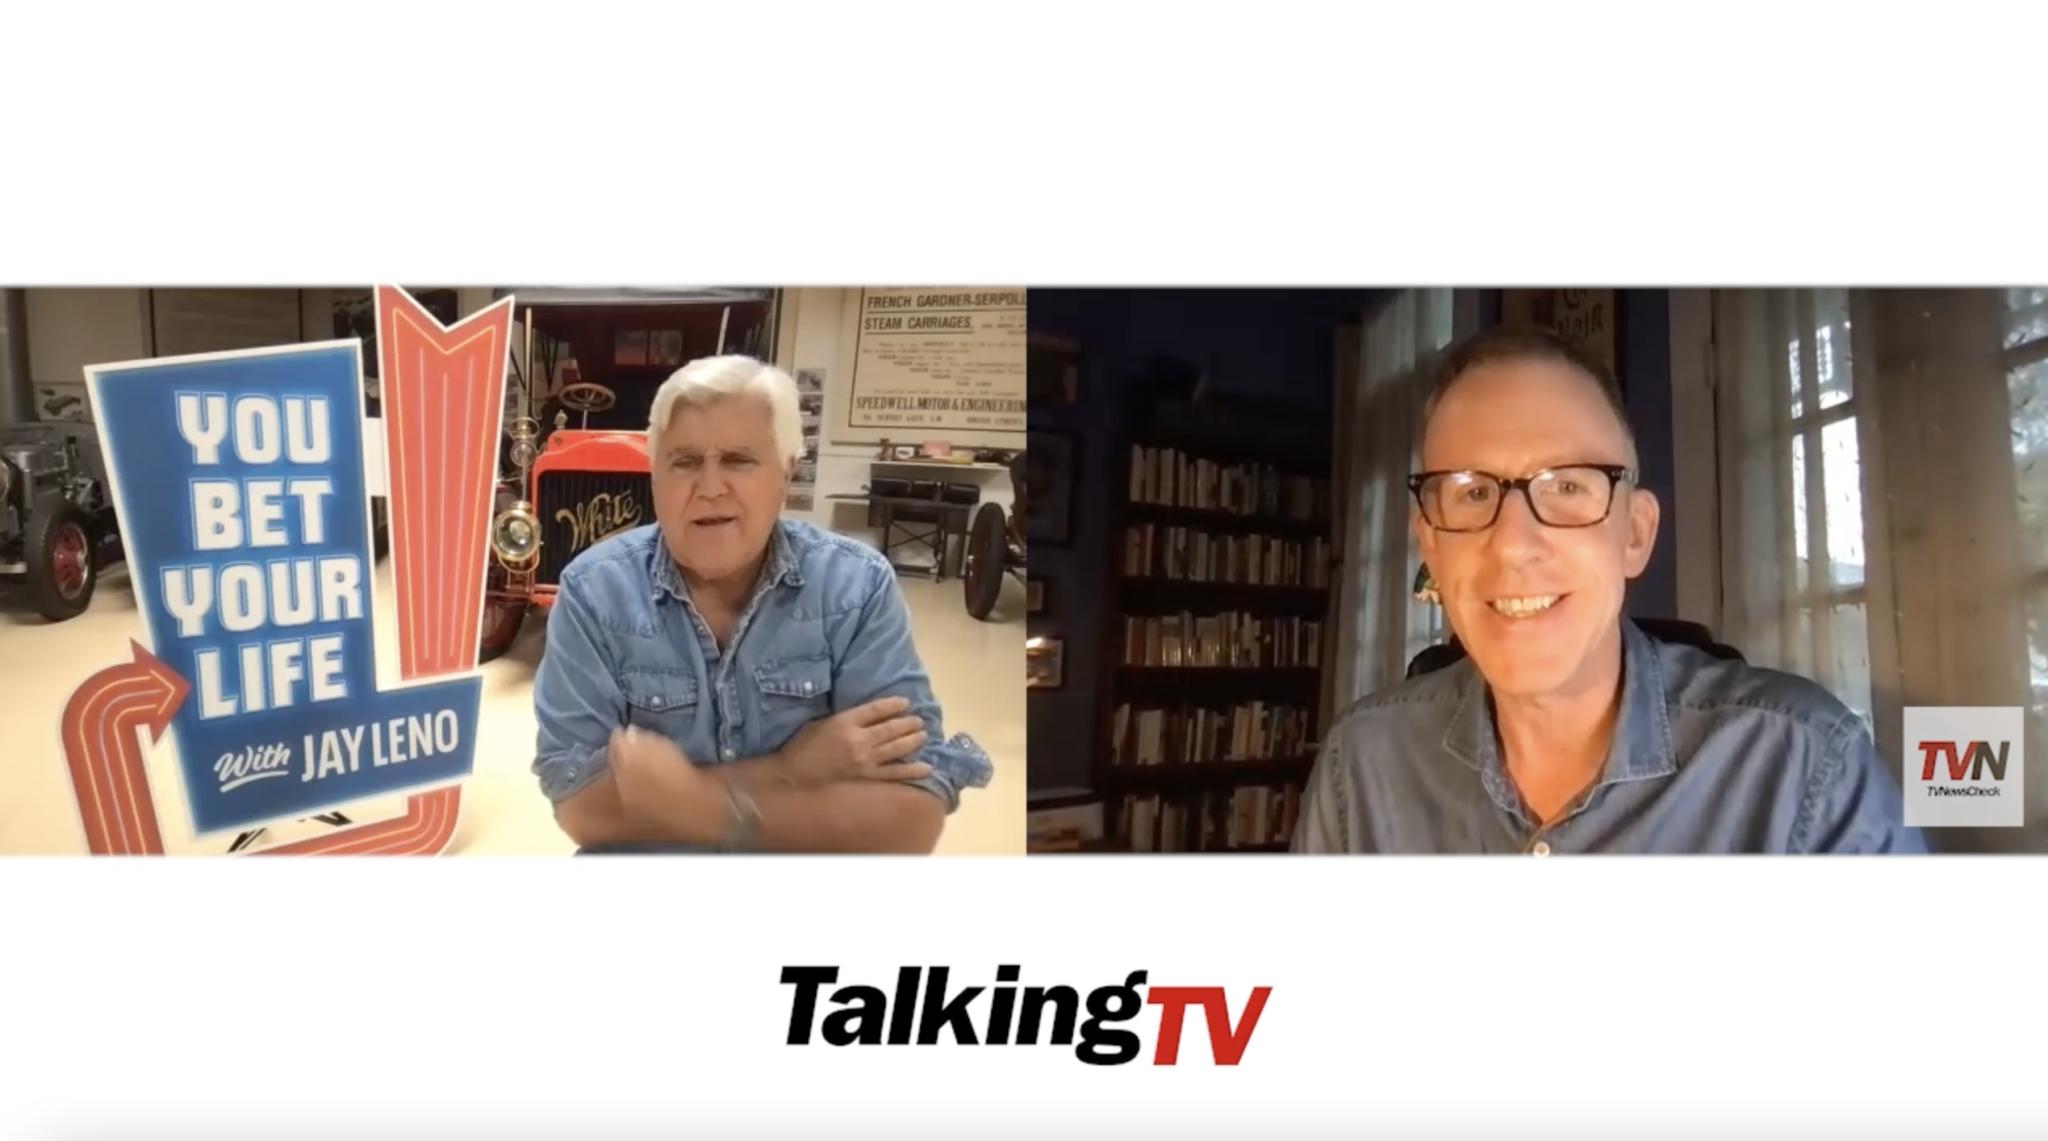 Talking TV: Jay Leno's Latest Bet